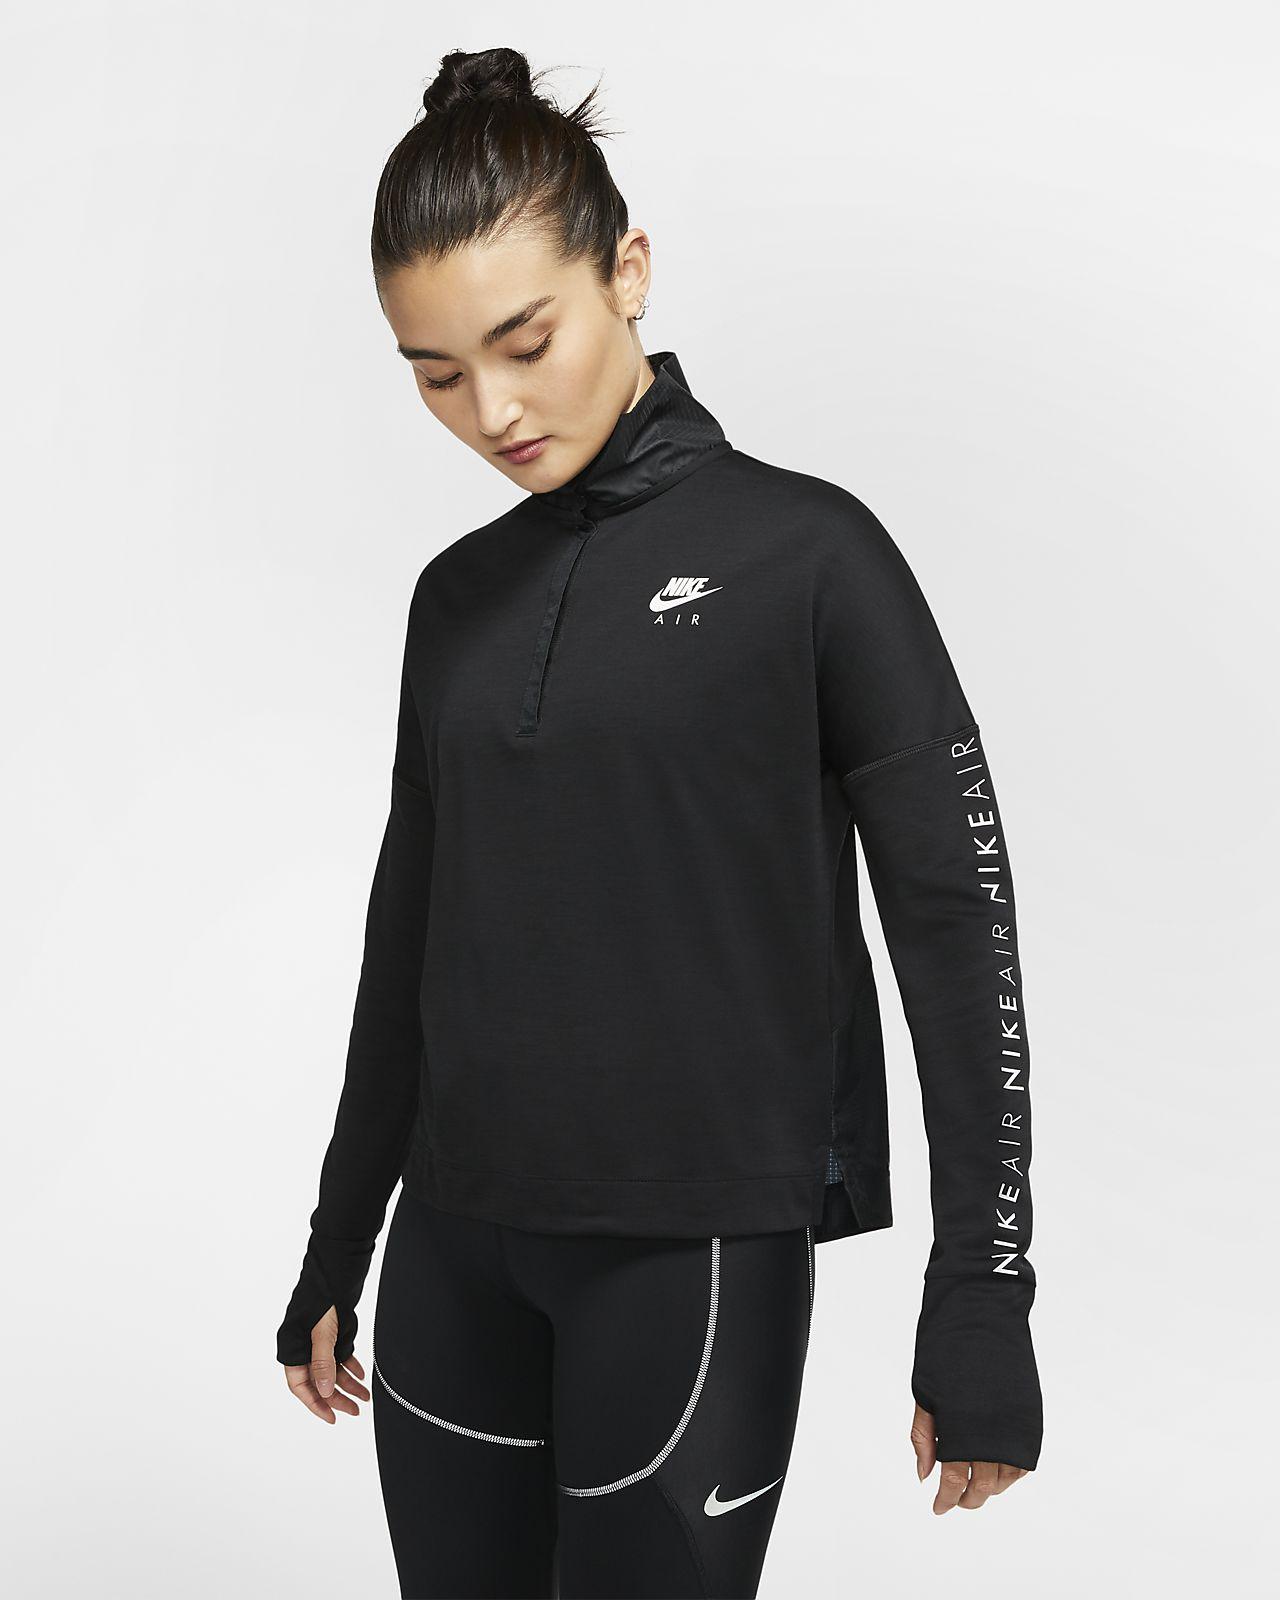 Nike Damen-Laufoberteil